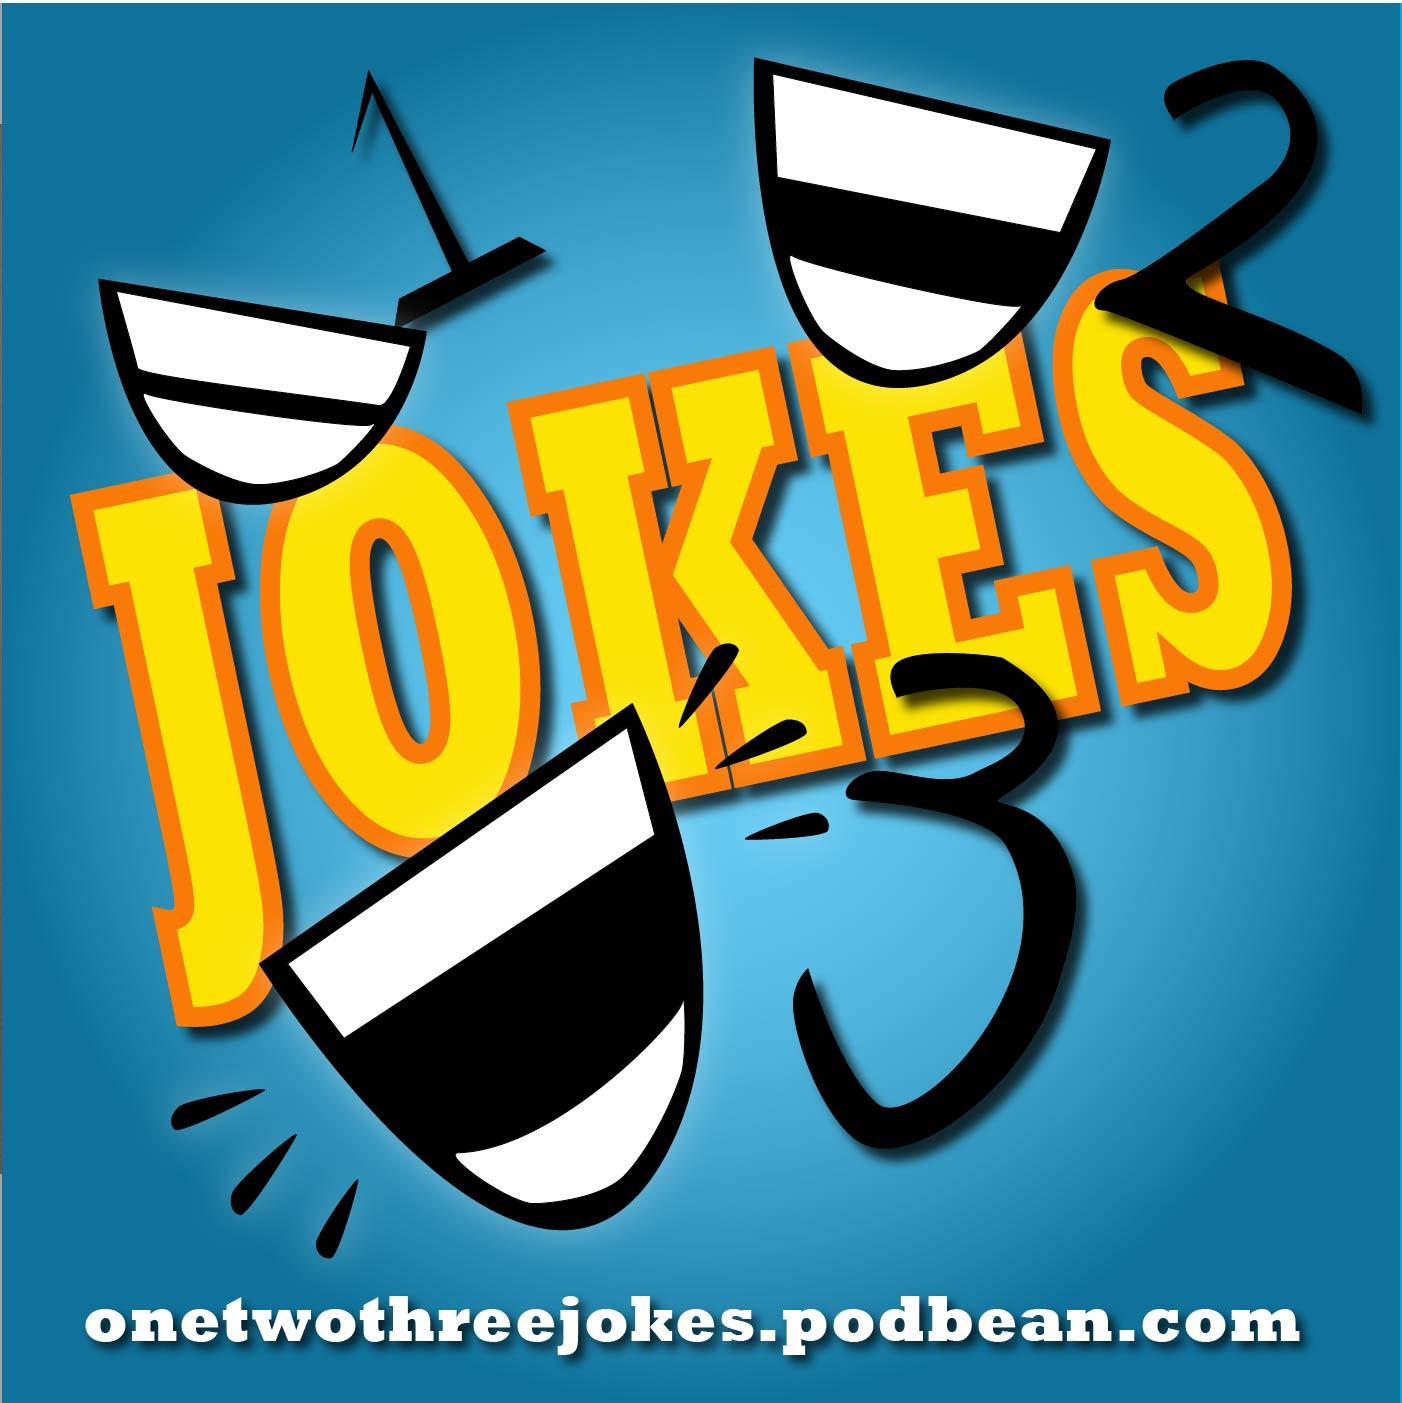 1-2-3 Jokes!